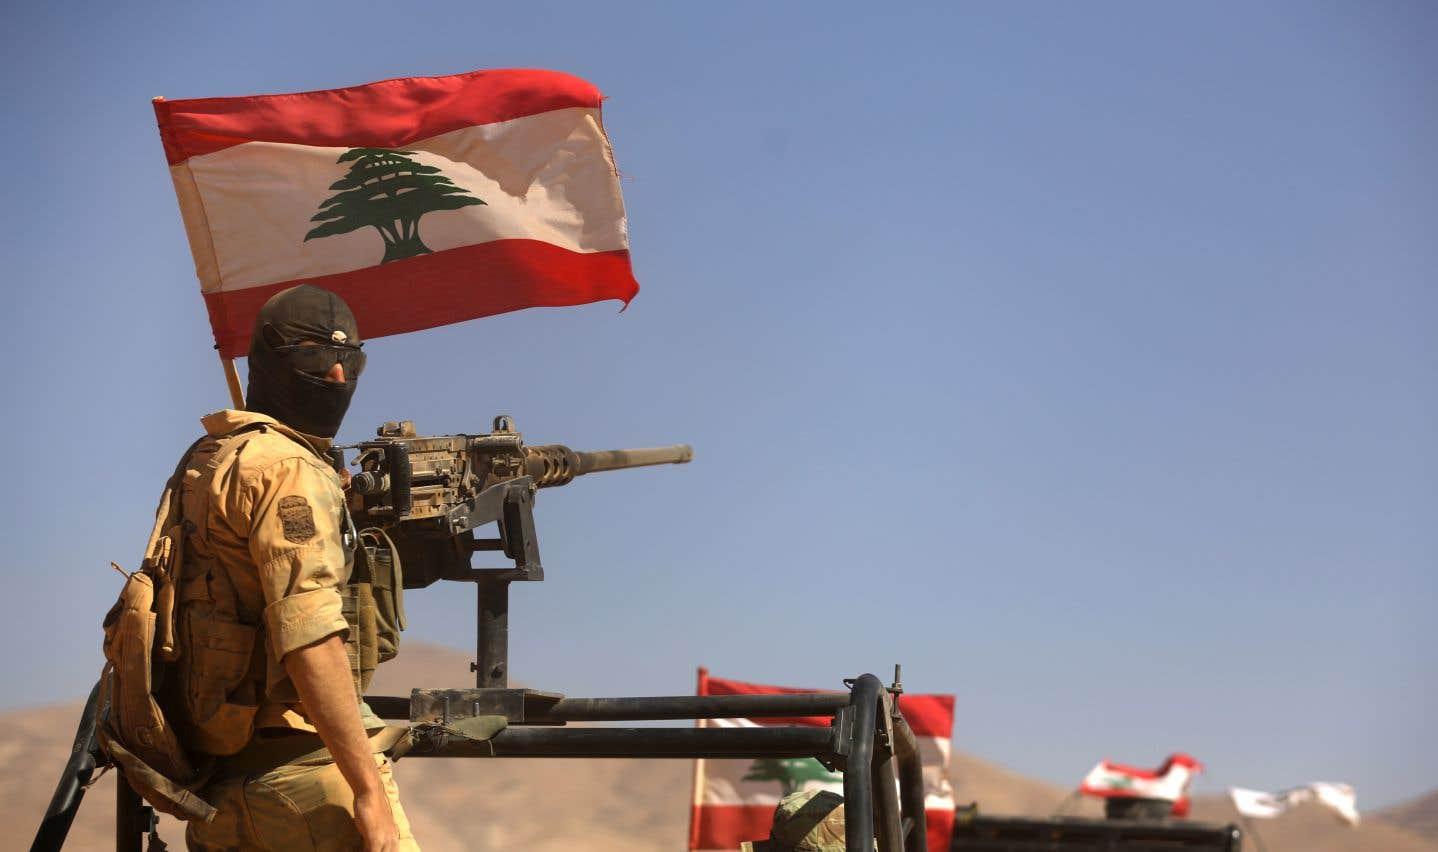 Les tribunaux militaires au Liban peuvent juger des civils dans de nombreux cas, notamment dans des affaires liées à l'armée et à la sécurité.